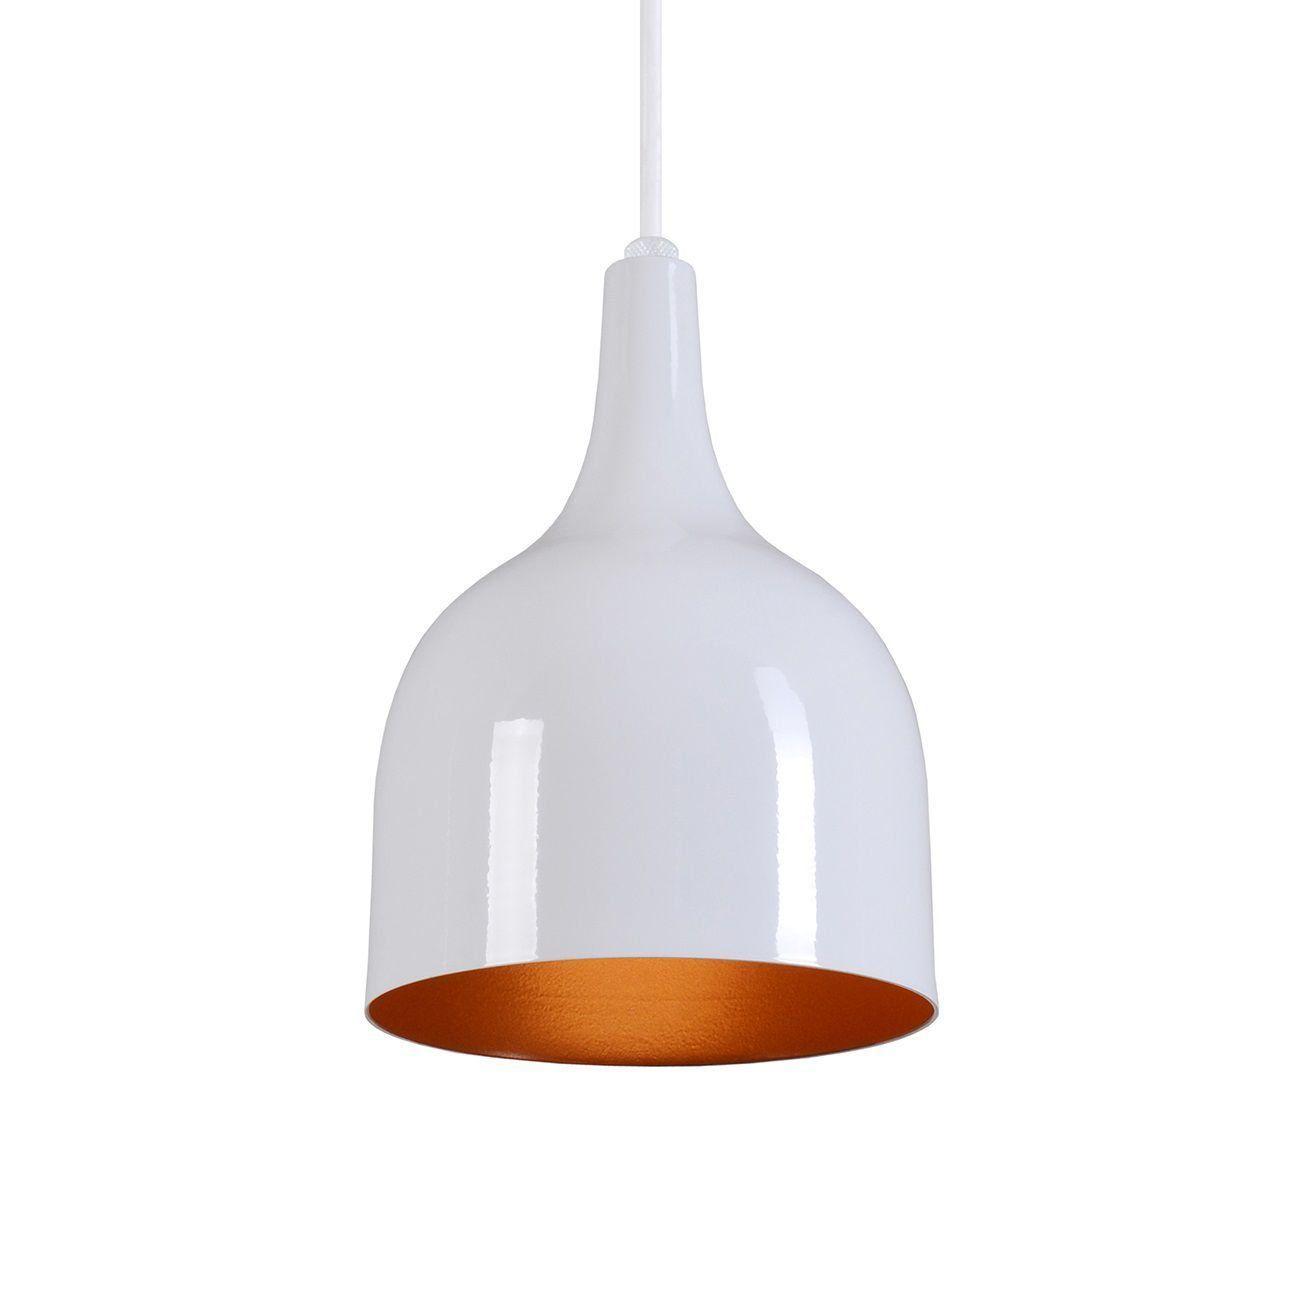 Pendente Gota Teat Luminária Lustre Alumínio Branco Brilhante C/ Cobre - Rei Da Iluminação